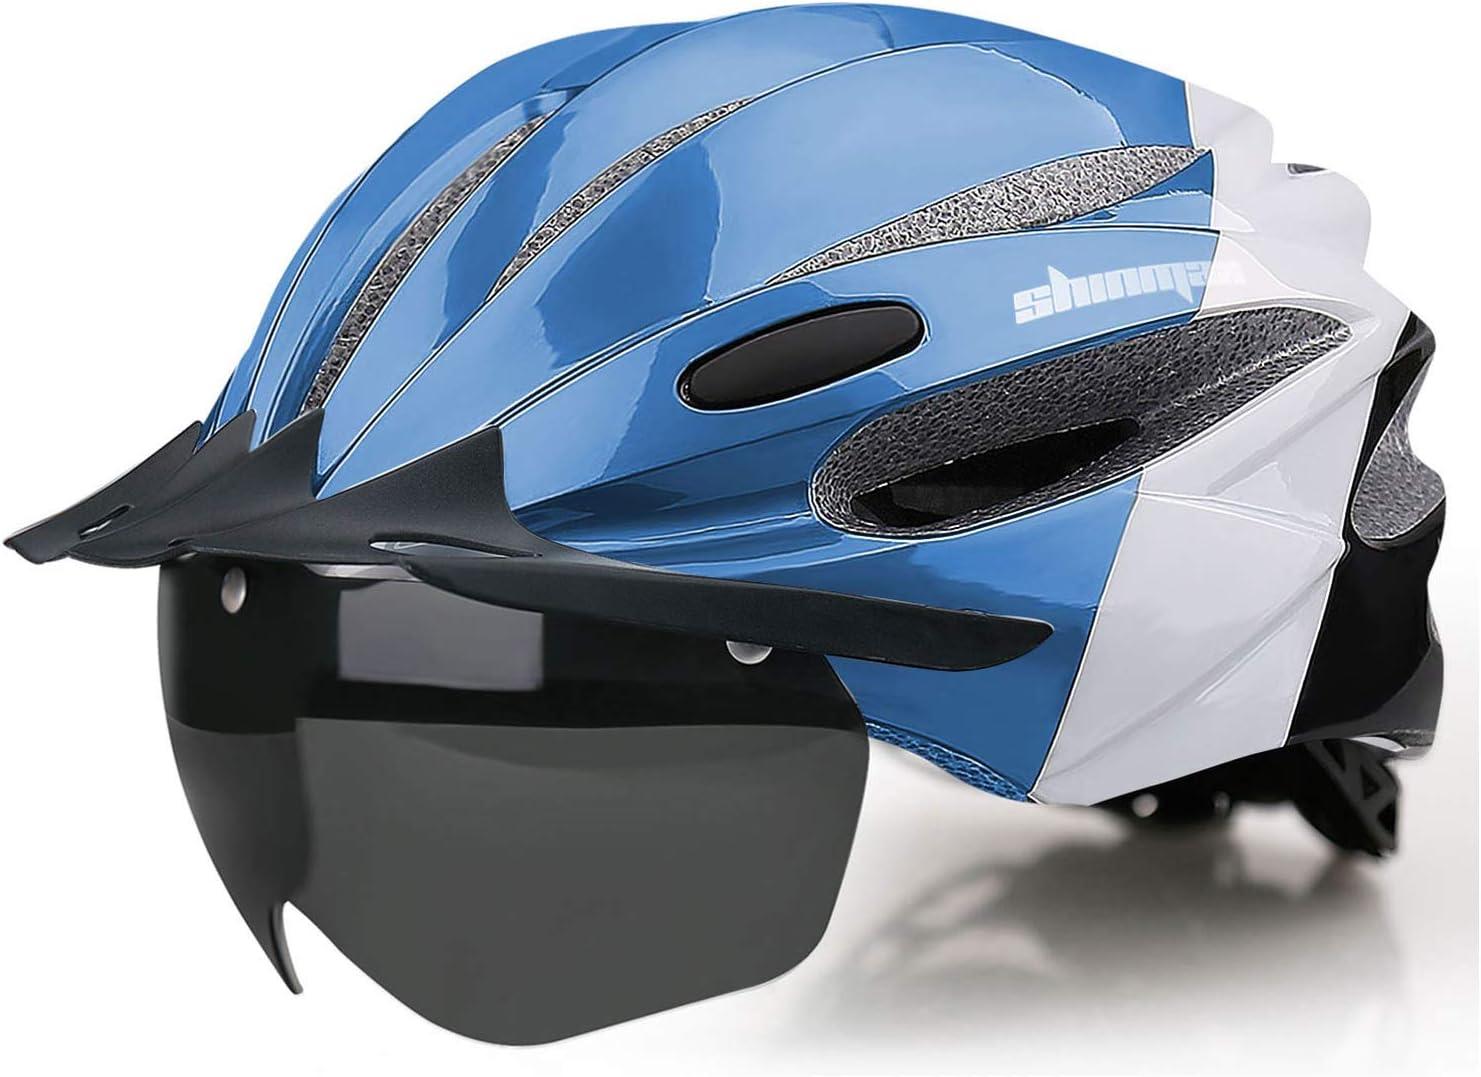 Shinmax Casco de Bicicleta con luz LED Casco de Ciclismo con Luz USB Recargable Visera Solar extraíble magnéticas Desmontables Casco de Bicicleta BMX Tamaño Ajustable Casco de Ciclismo para Adultos.